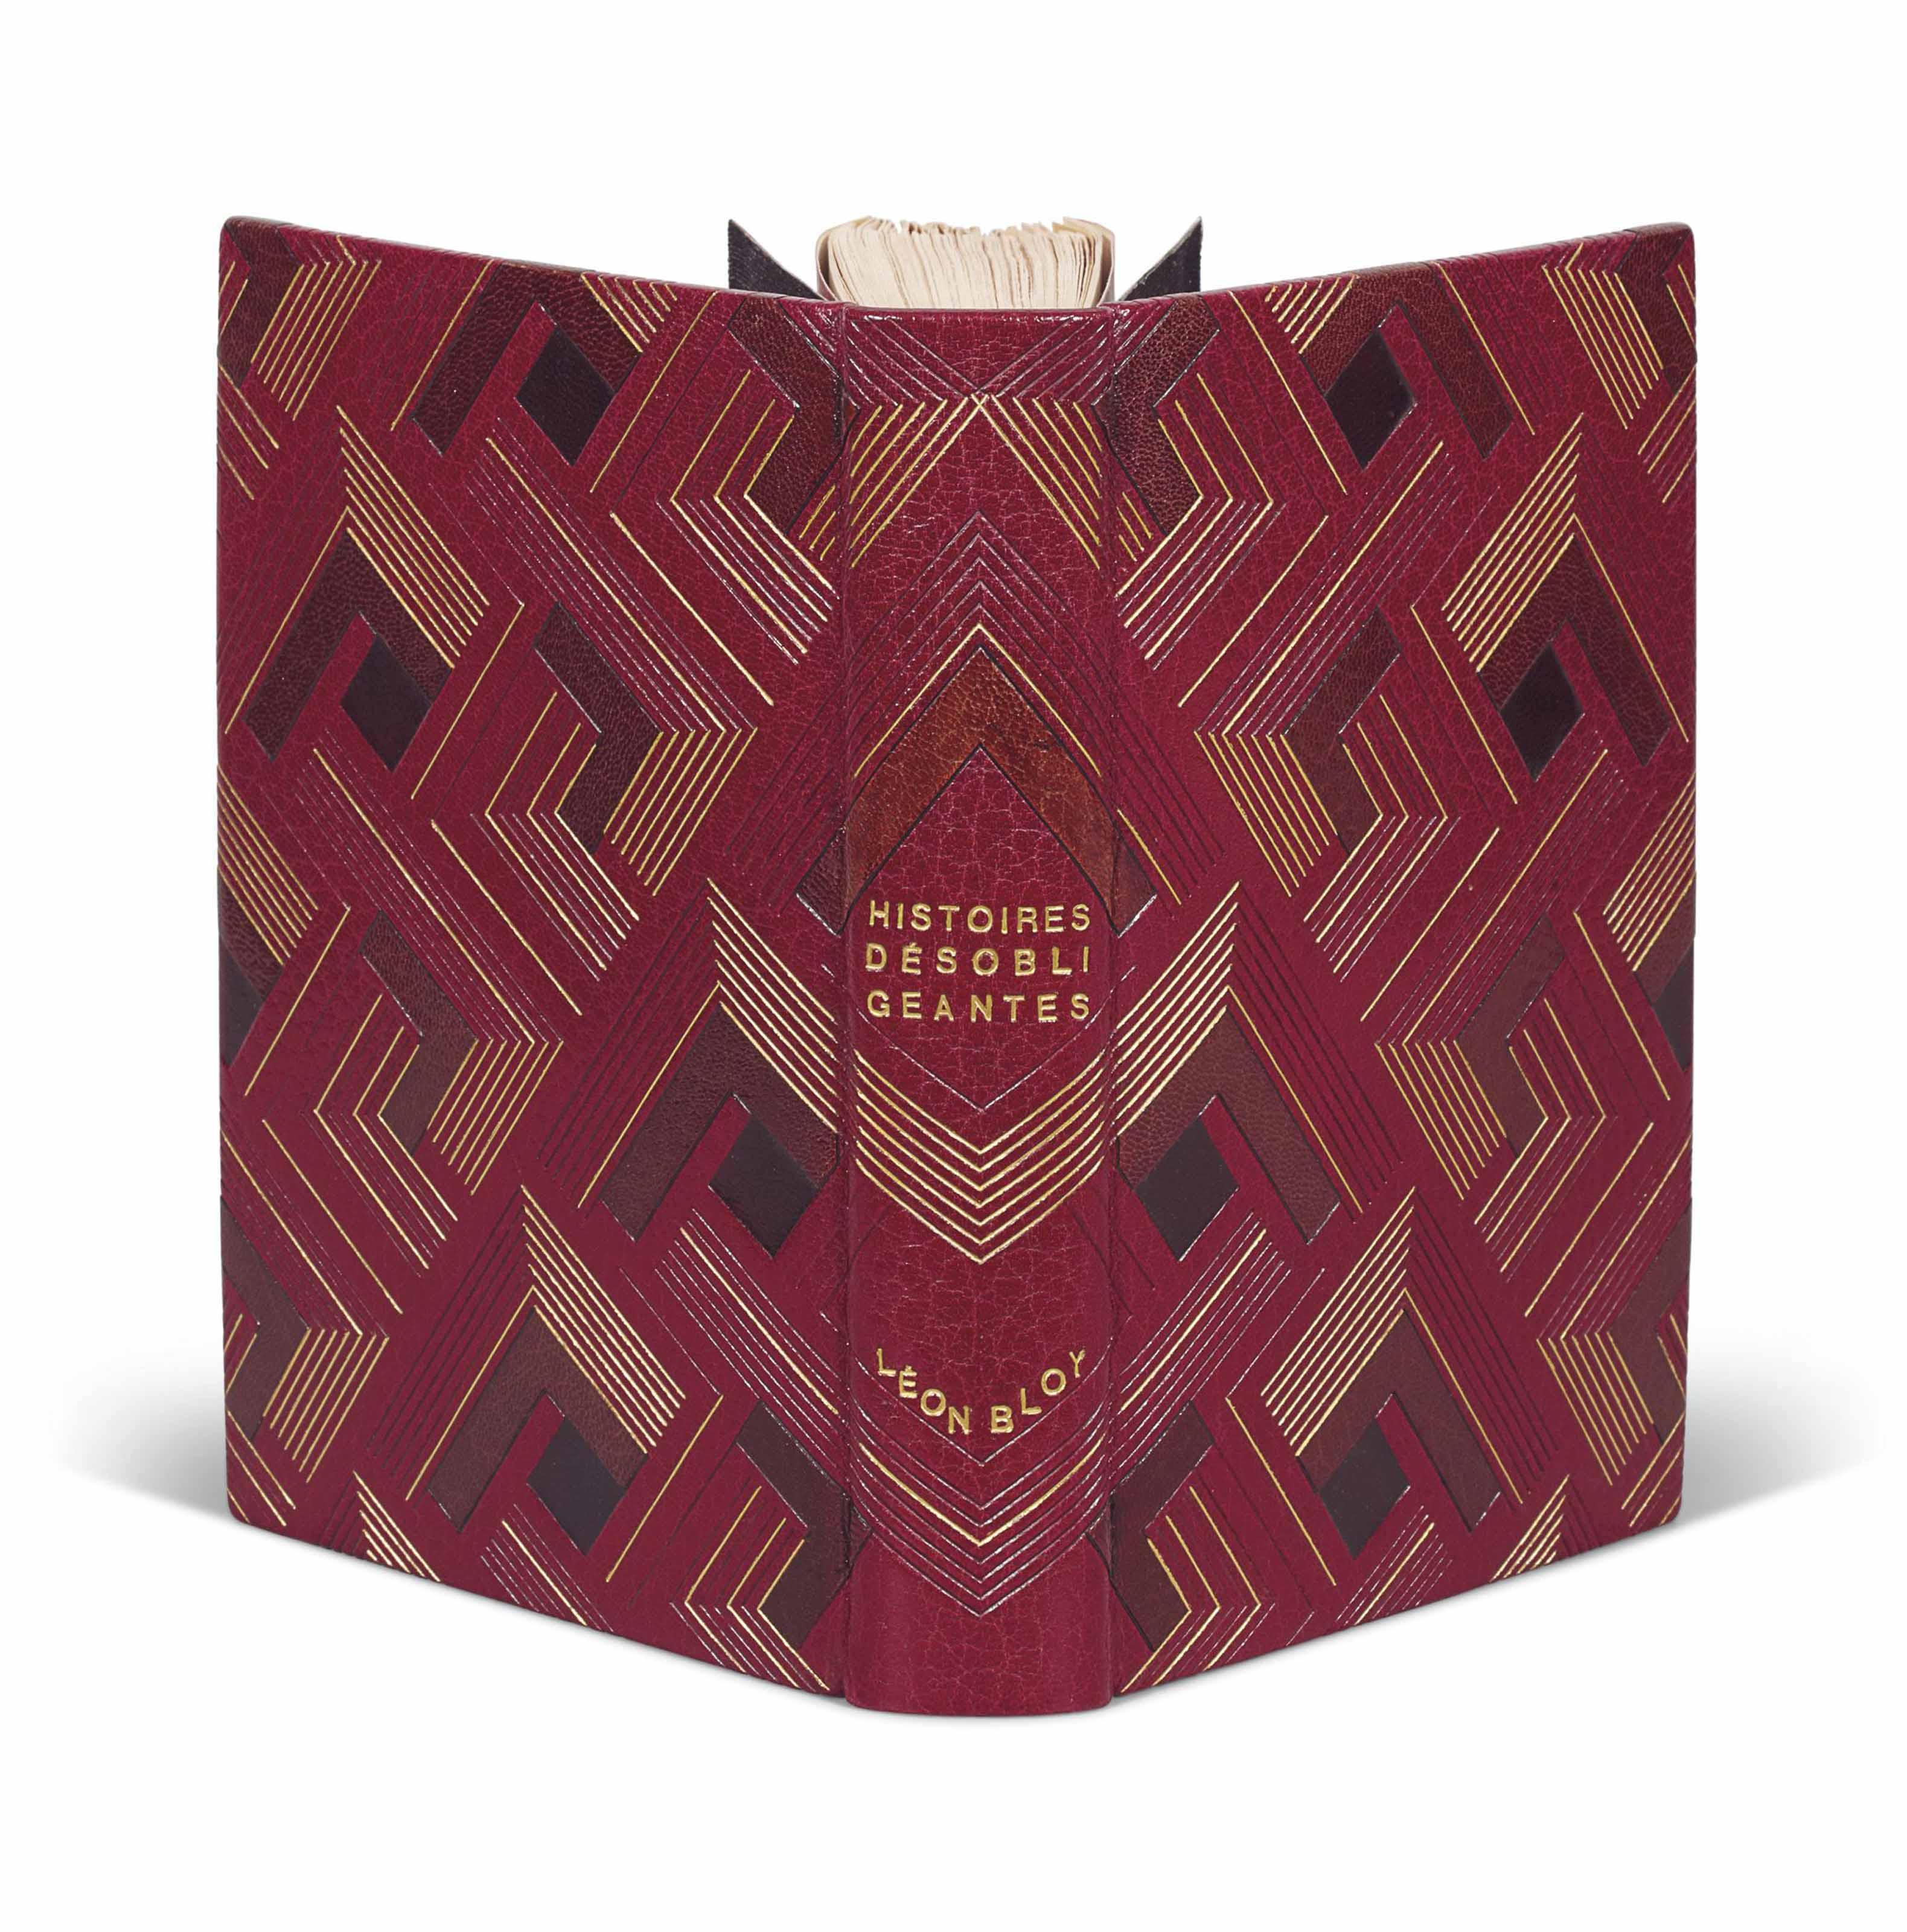 Léon BLOY (1846-1917). Histoires désobligeantes. Paris, E. Dentu, [1894]. In-12 (193 x 130 mm). Reliure signée de Pierre Legrain, maroquin rouge corinthe mosaïqué de bandes de maroquin aubergine et de carrés de maroquin noir en creux, décor géométrique doré et à froid se poursuivant d'un plat sur l'autre, dos lisse, titre et nom de l'auteur dorés, doublure et gardes de soie tissée d'or, couverture et dos conservés, non rogné, chemise et étui (infime déchirure de 3 mm restaurée au plat inférieur de couverture, dos très légèrement passé).